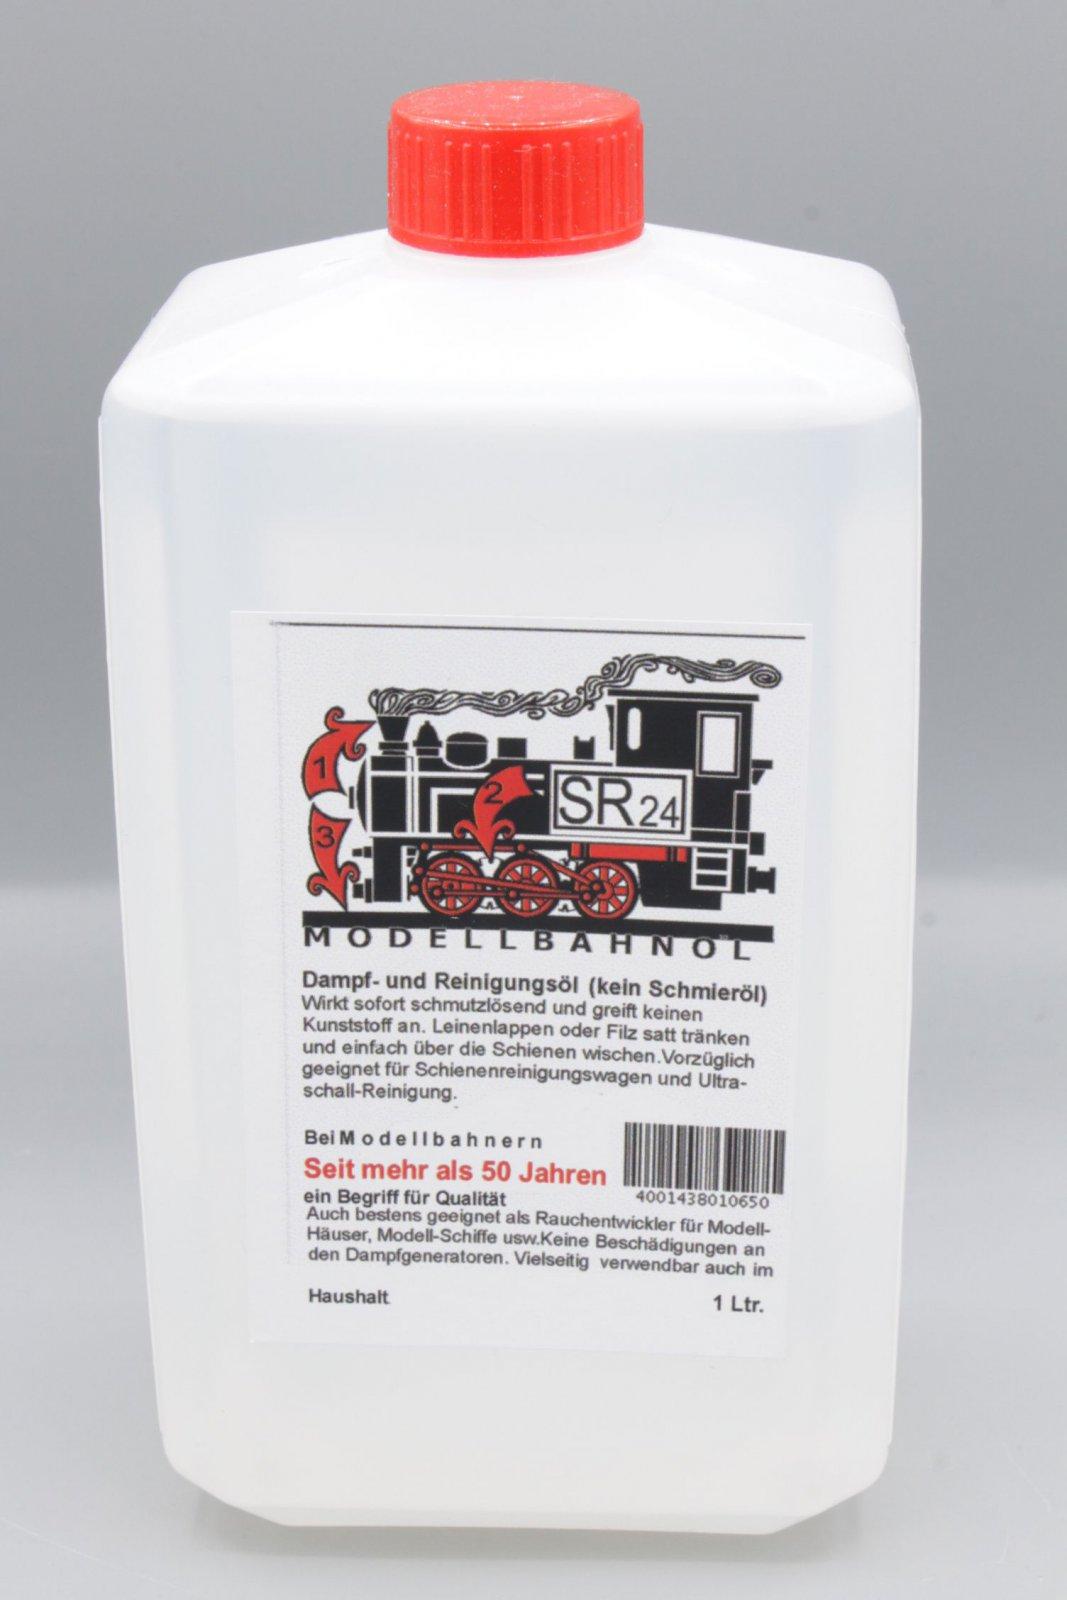 Modellbahnöl SR24 Reinigungsöl und Dampföl 1 Liter Ultraschallbad